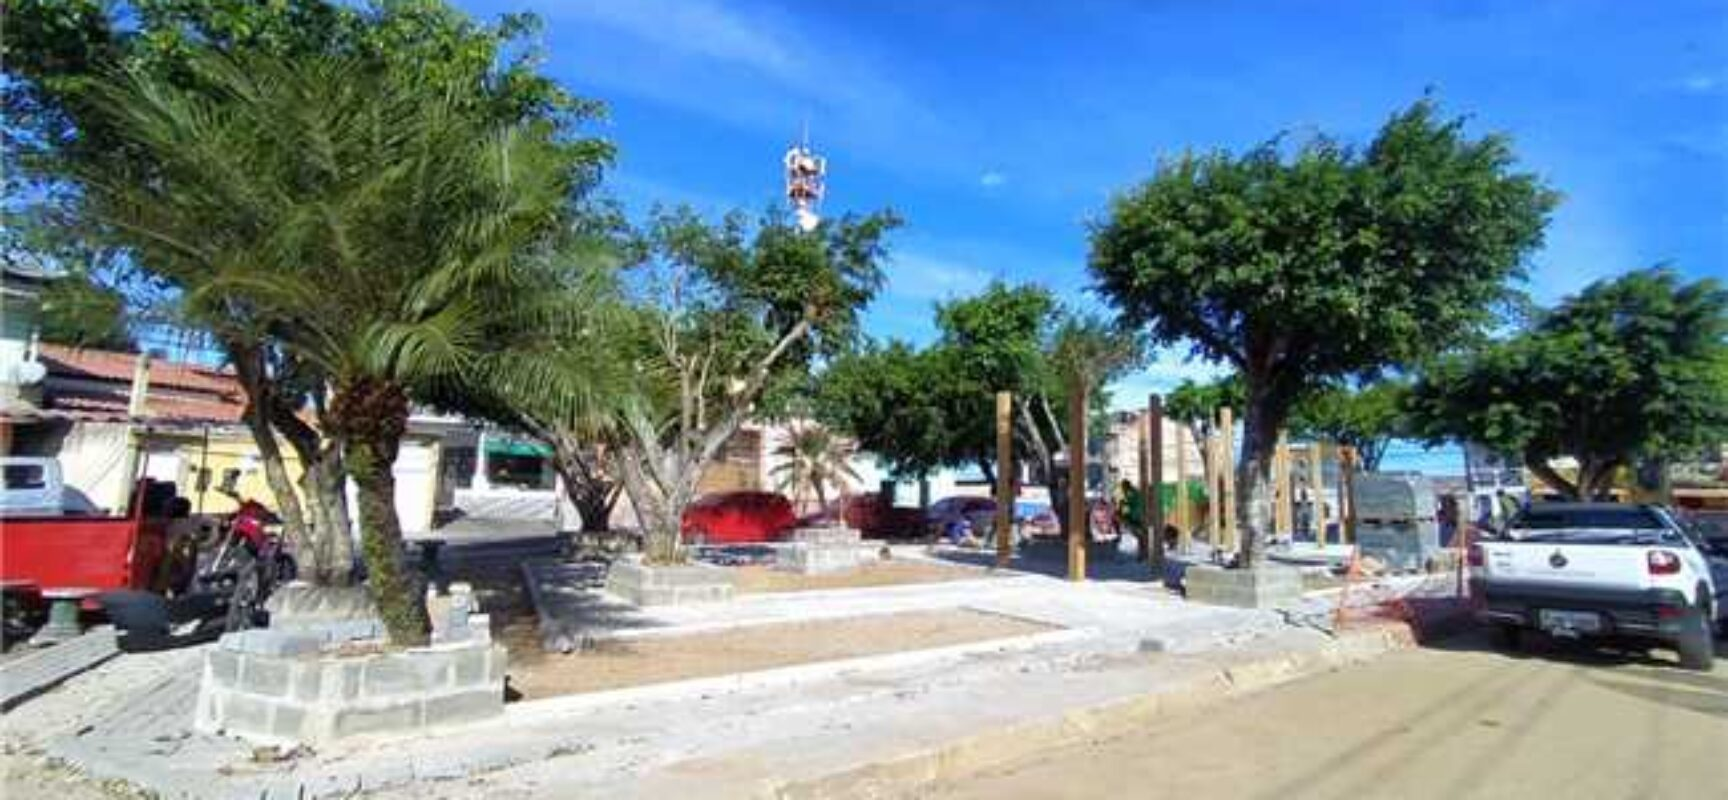 Obra da Praça Santa Rita avança e comunidade aplaude requalificação